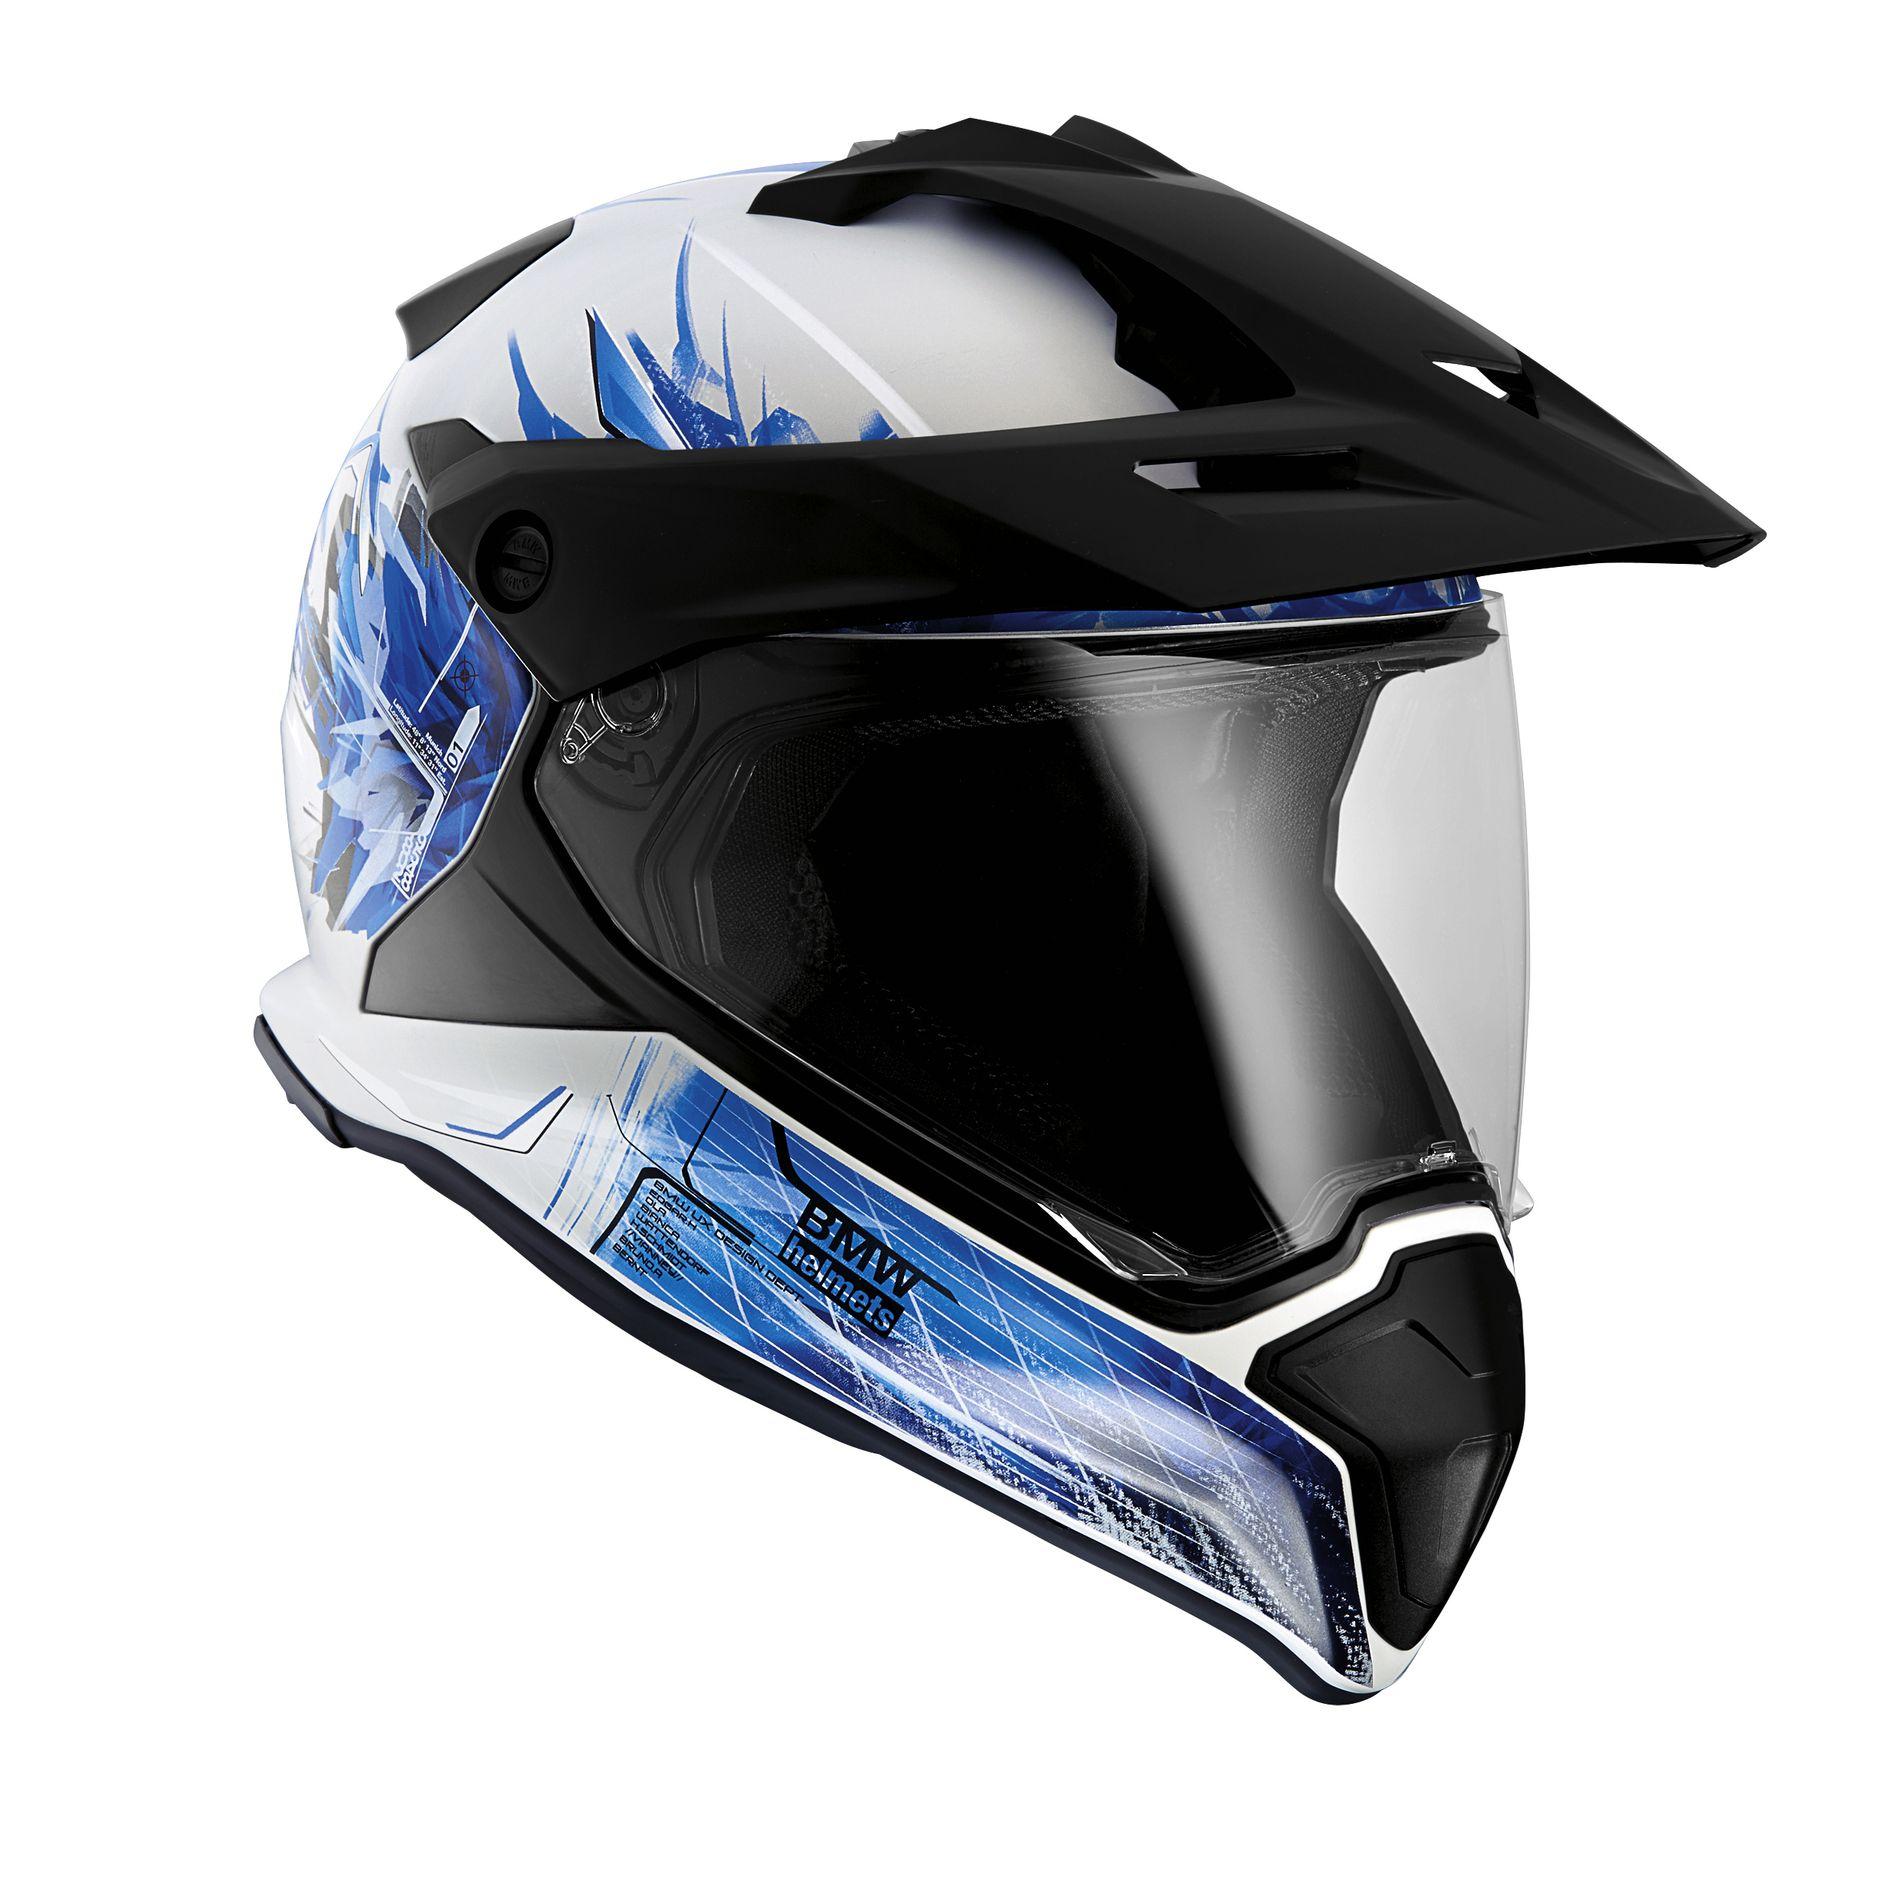 bmw helmets nouveau casque gs moto bmw. Black Bedroom Furniture Sets. Home Design Ideas